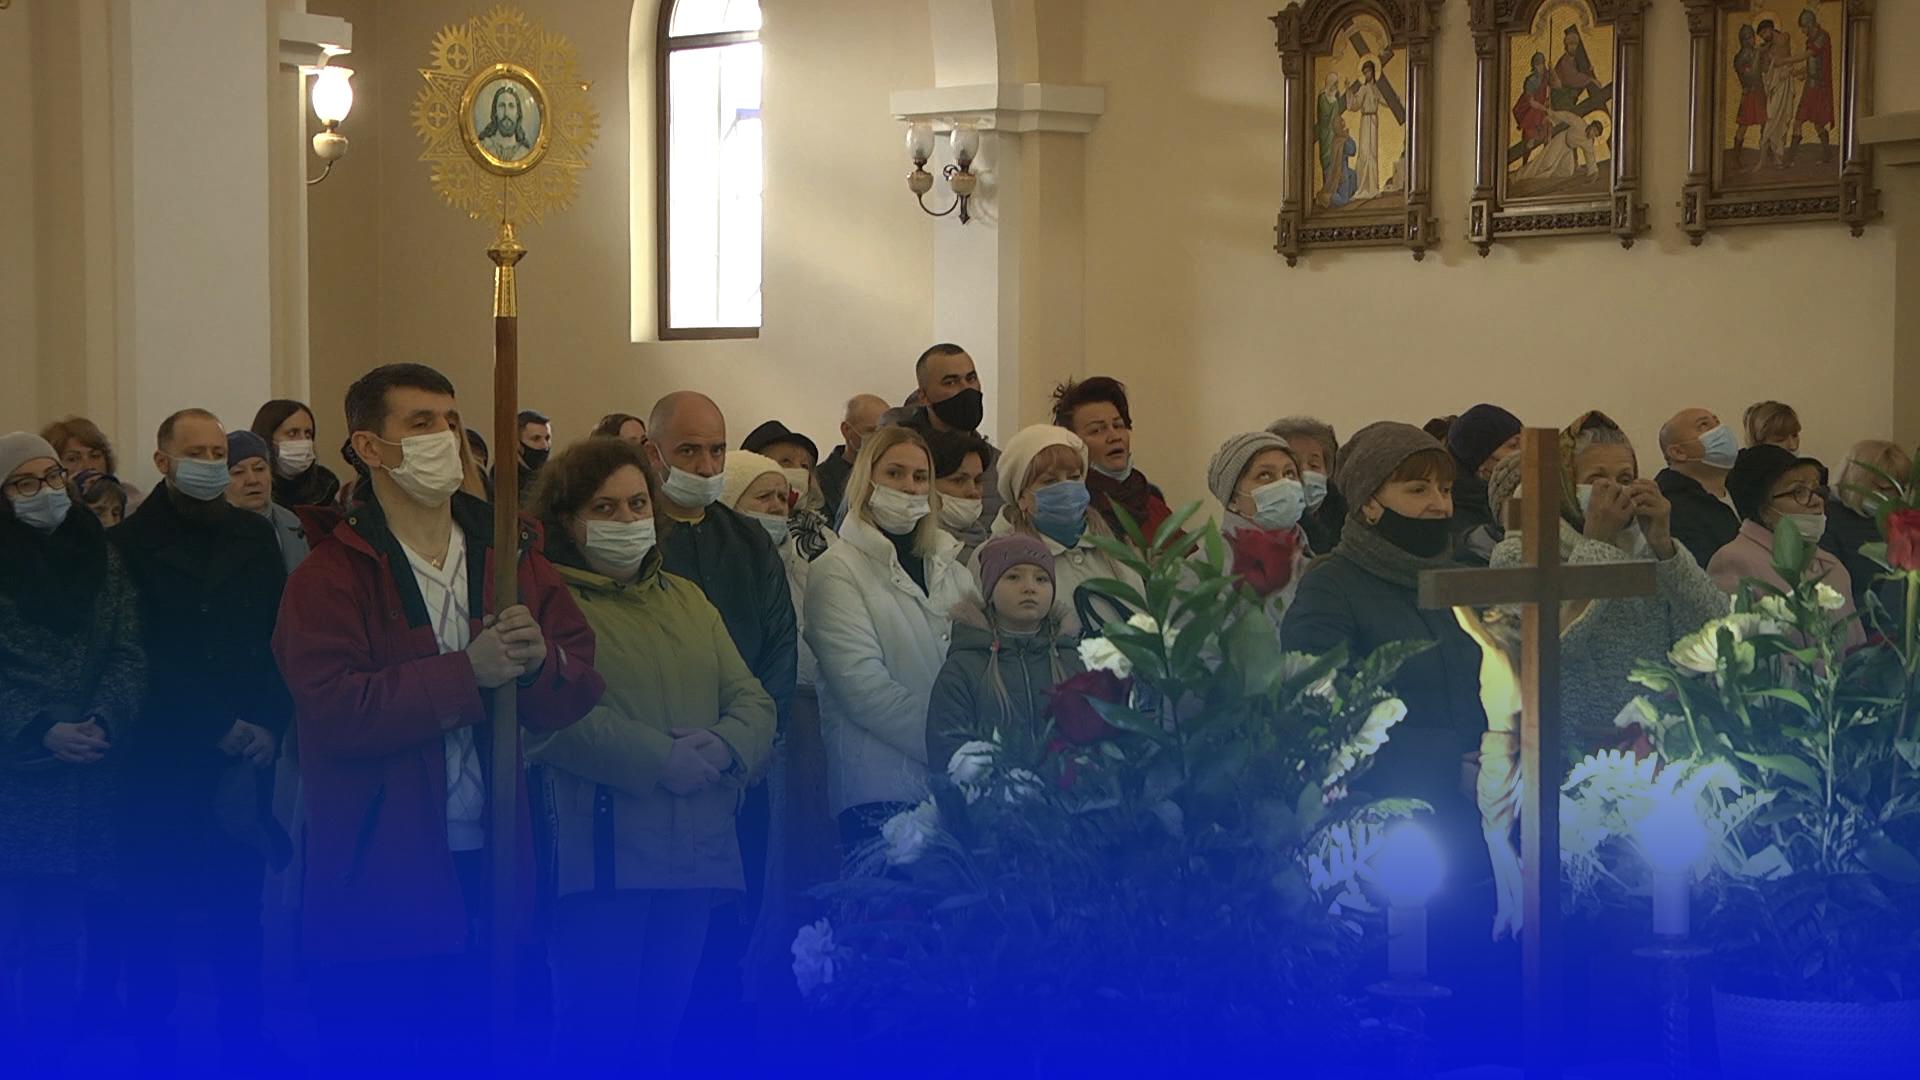 Благовіщення-2021: особливоcті відзначення свята у Тернополі